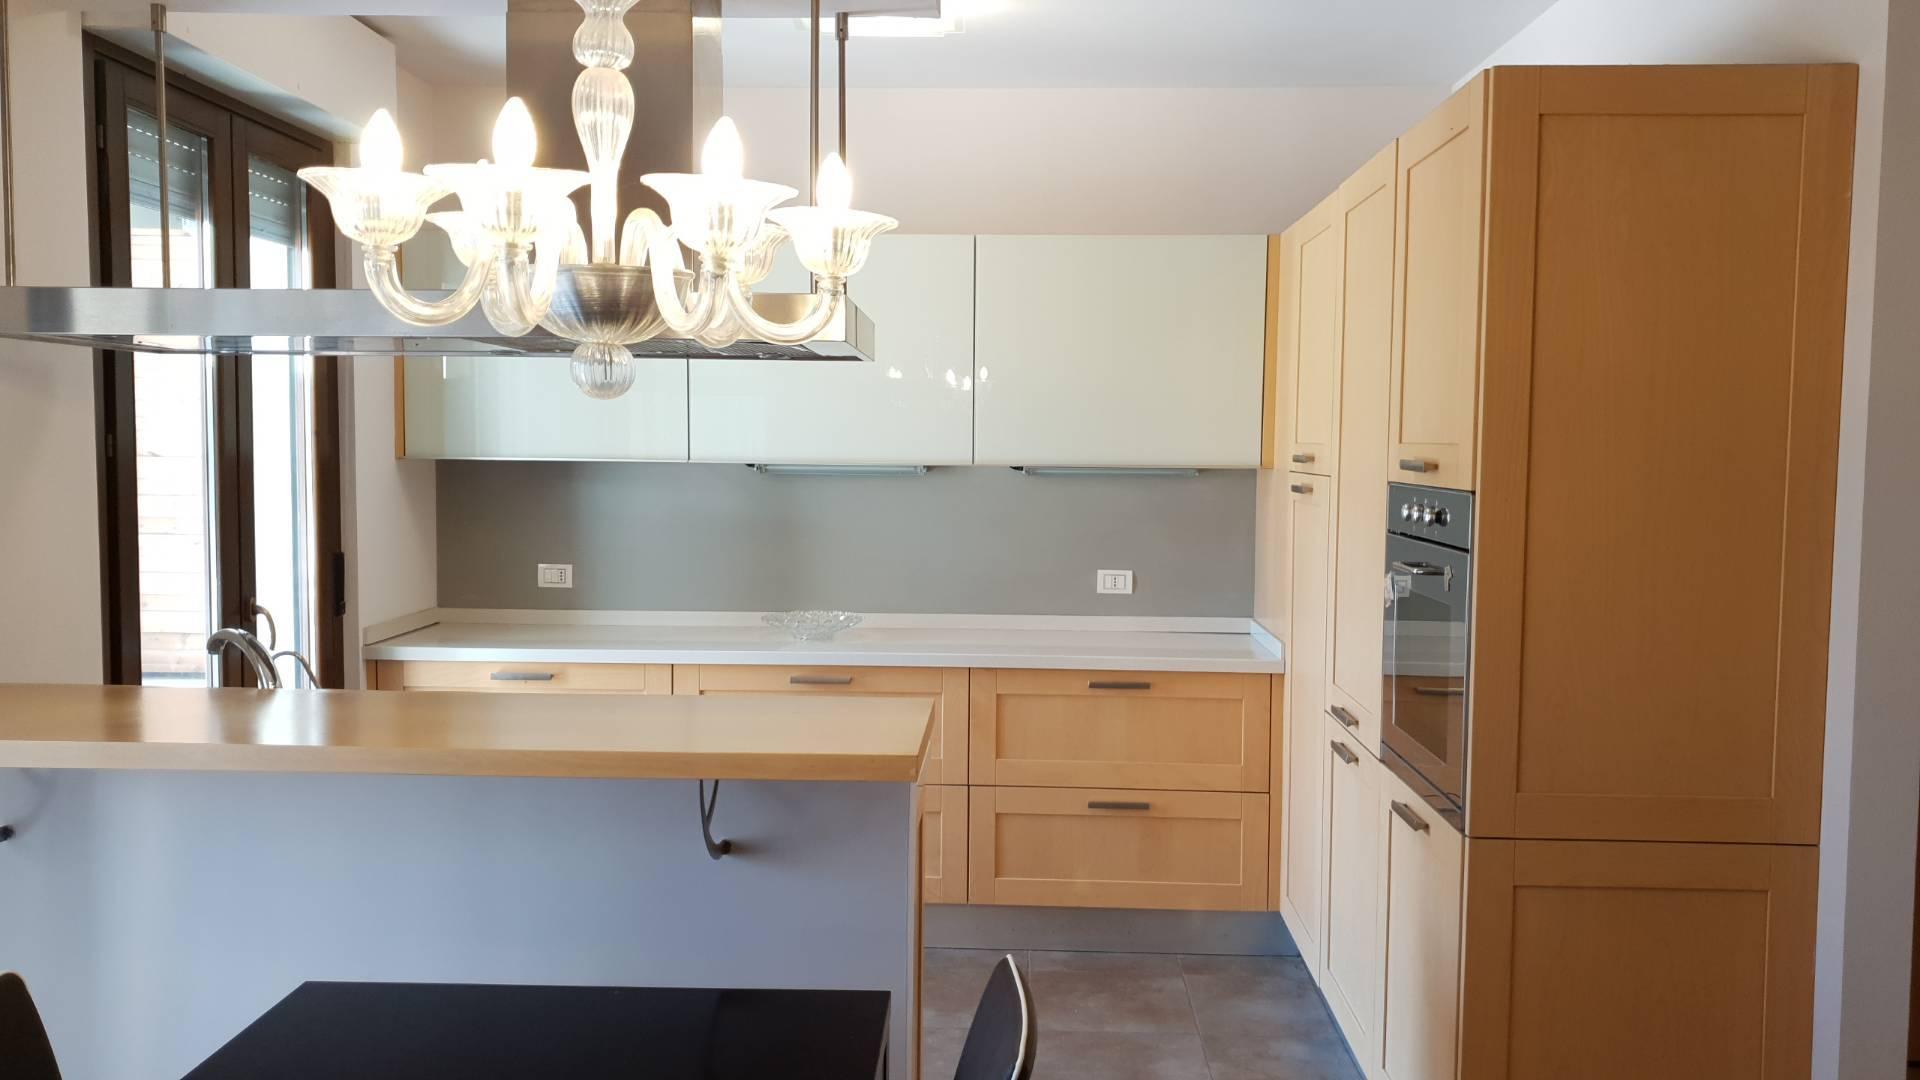 Appartamento in vendita a Porto Recanati, 5 locali, zona Località: Quartiereovestlimitrofaallacitt?, prezzo € 215.000 | CambioCasa.it